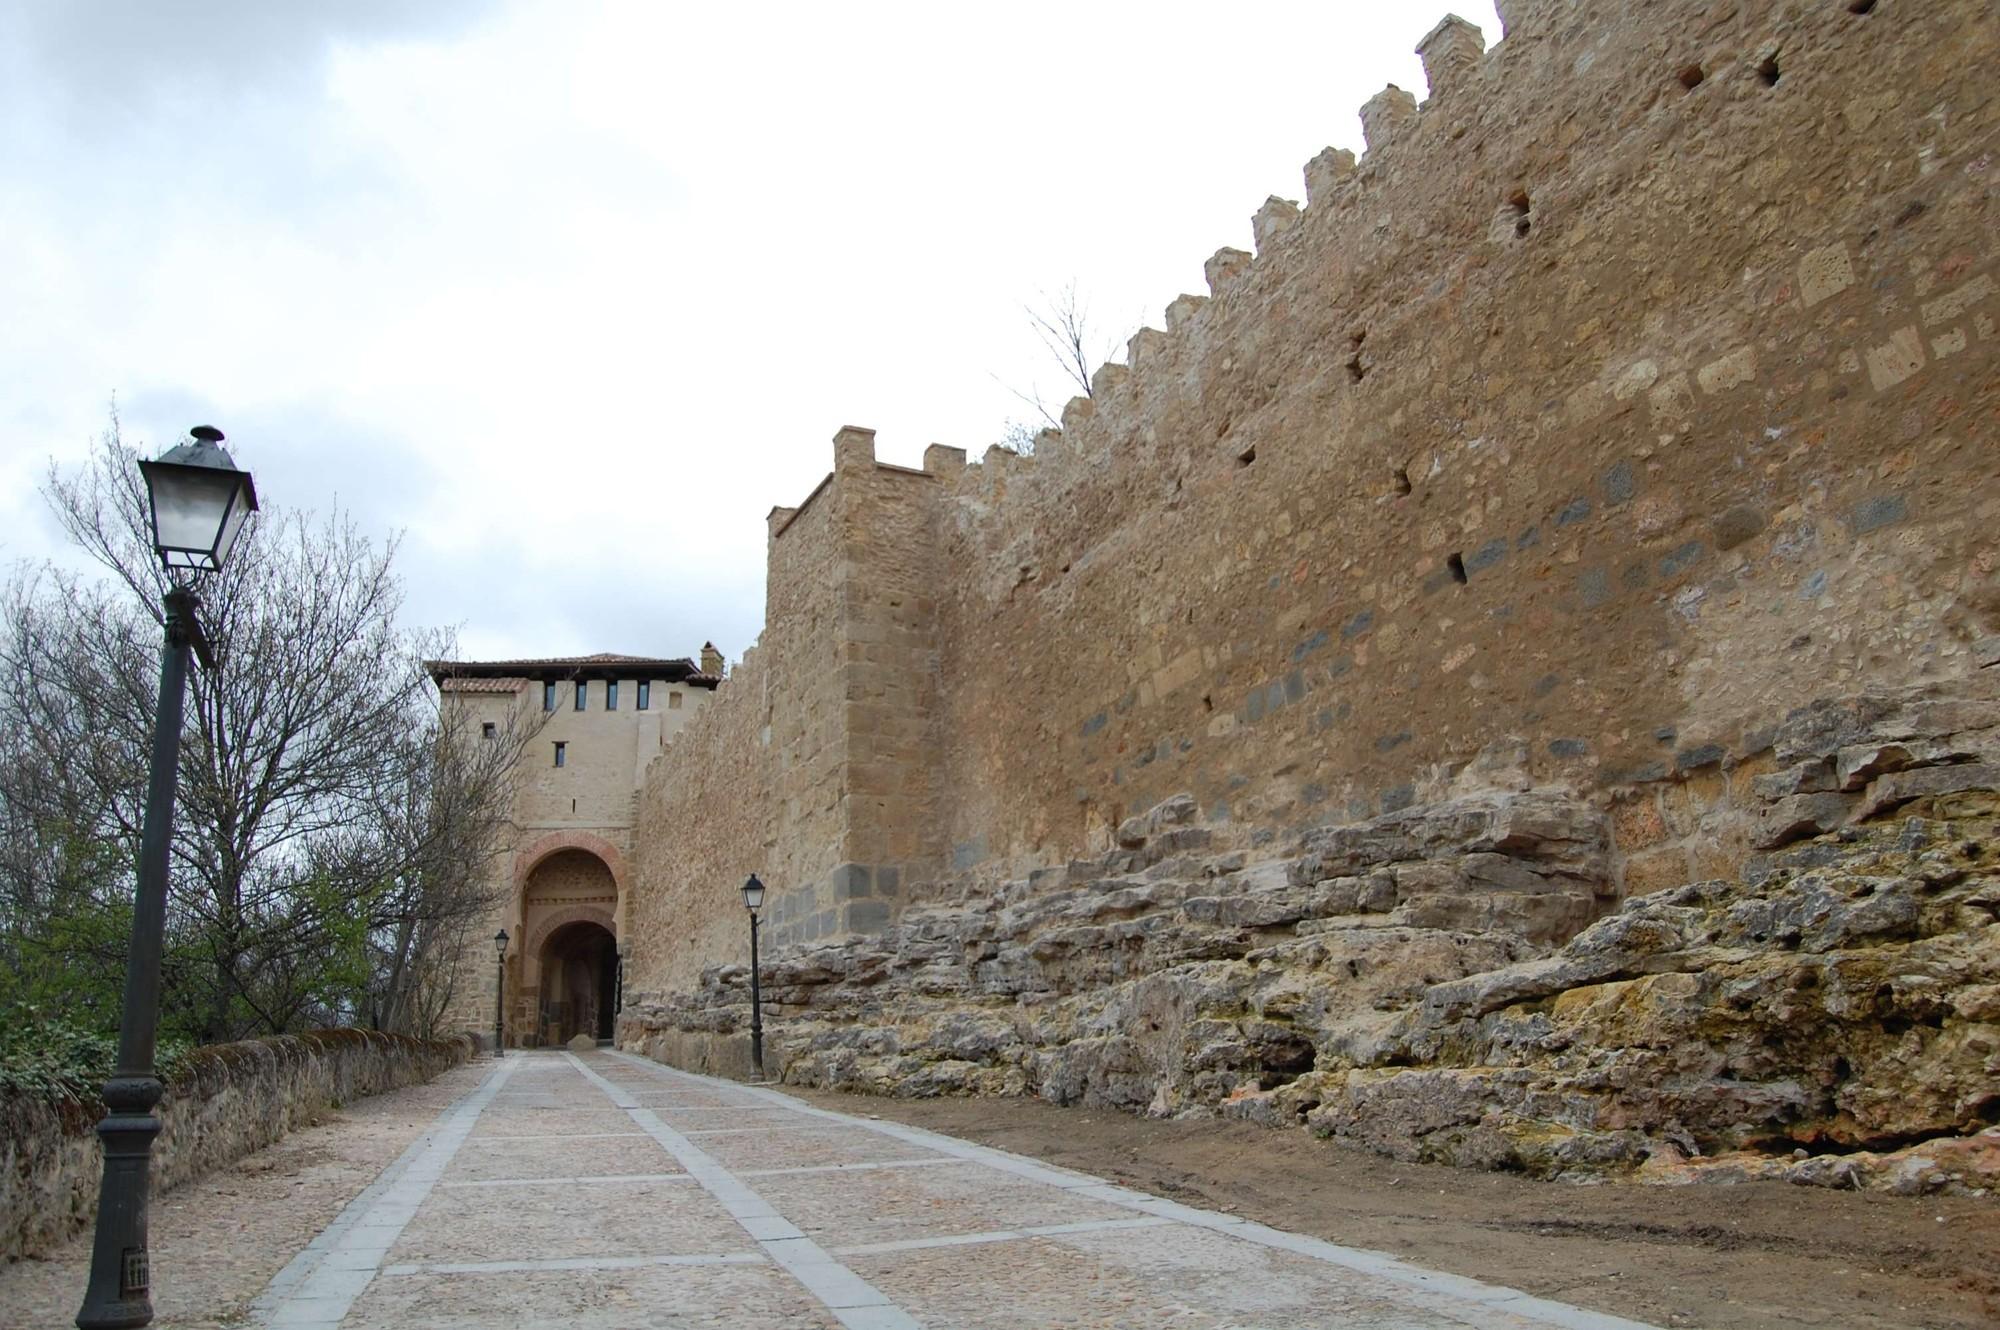 """La esencia del """"RE-"""": Recuperar el pasado a través de la arquitectura, Cortesia de Lidón Agost Muñoz"""